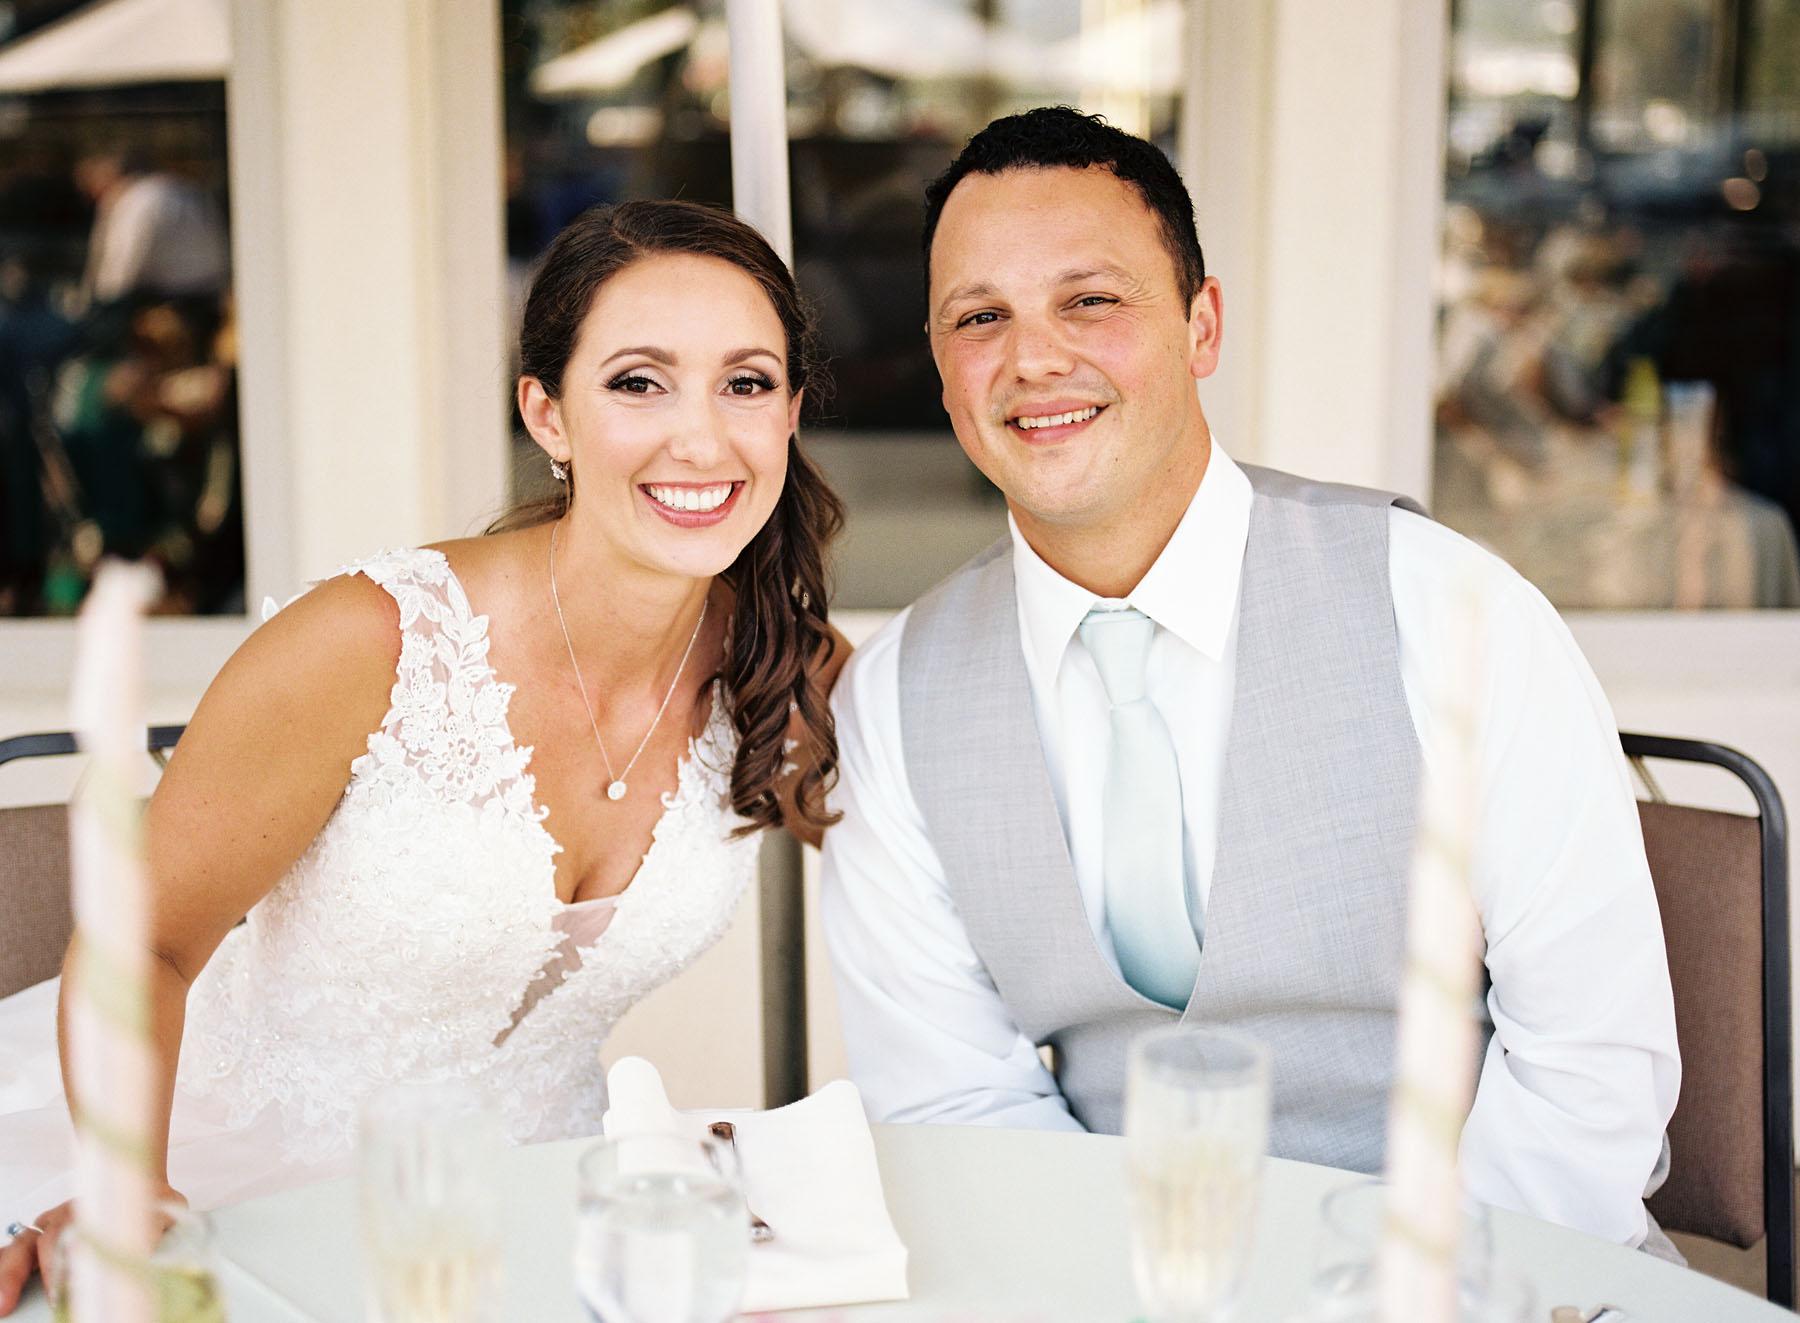 8-11-18 Vanessa and Andrew - 198.jpg